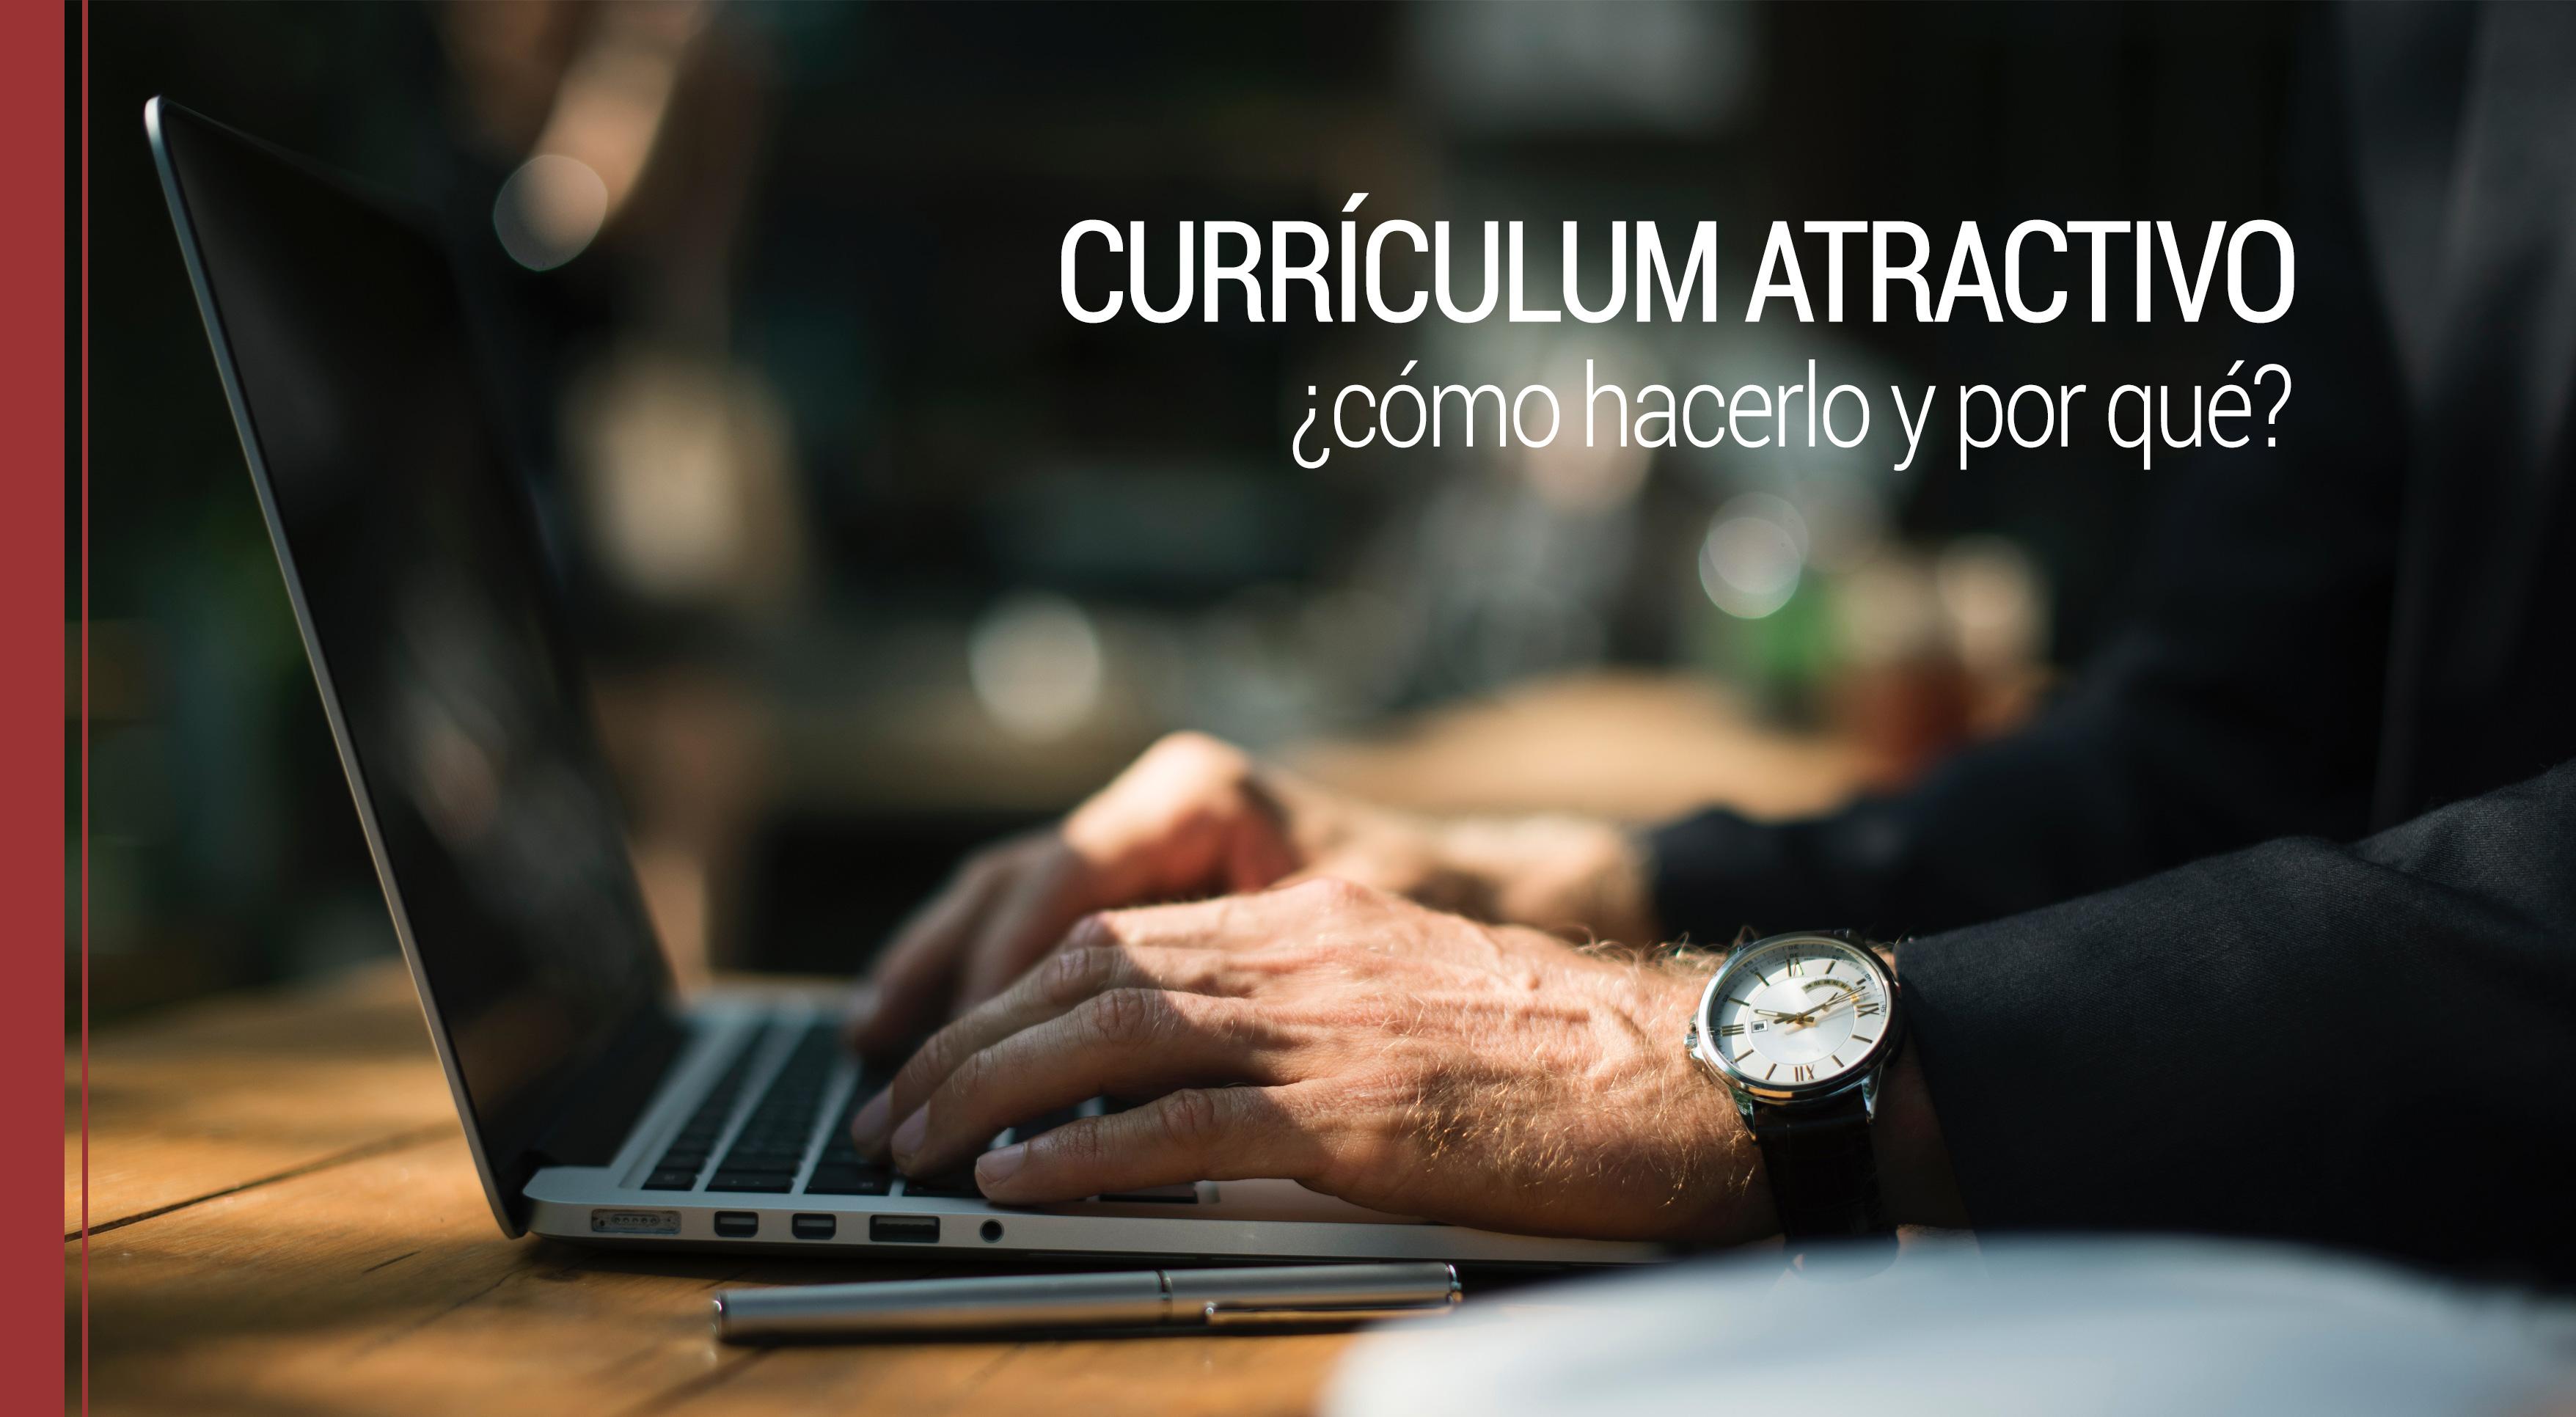 curriculum-atractivo-como-hacerlo-y-por-que Currículum atractivo: ¿cómo hacerlo y por qué?